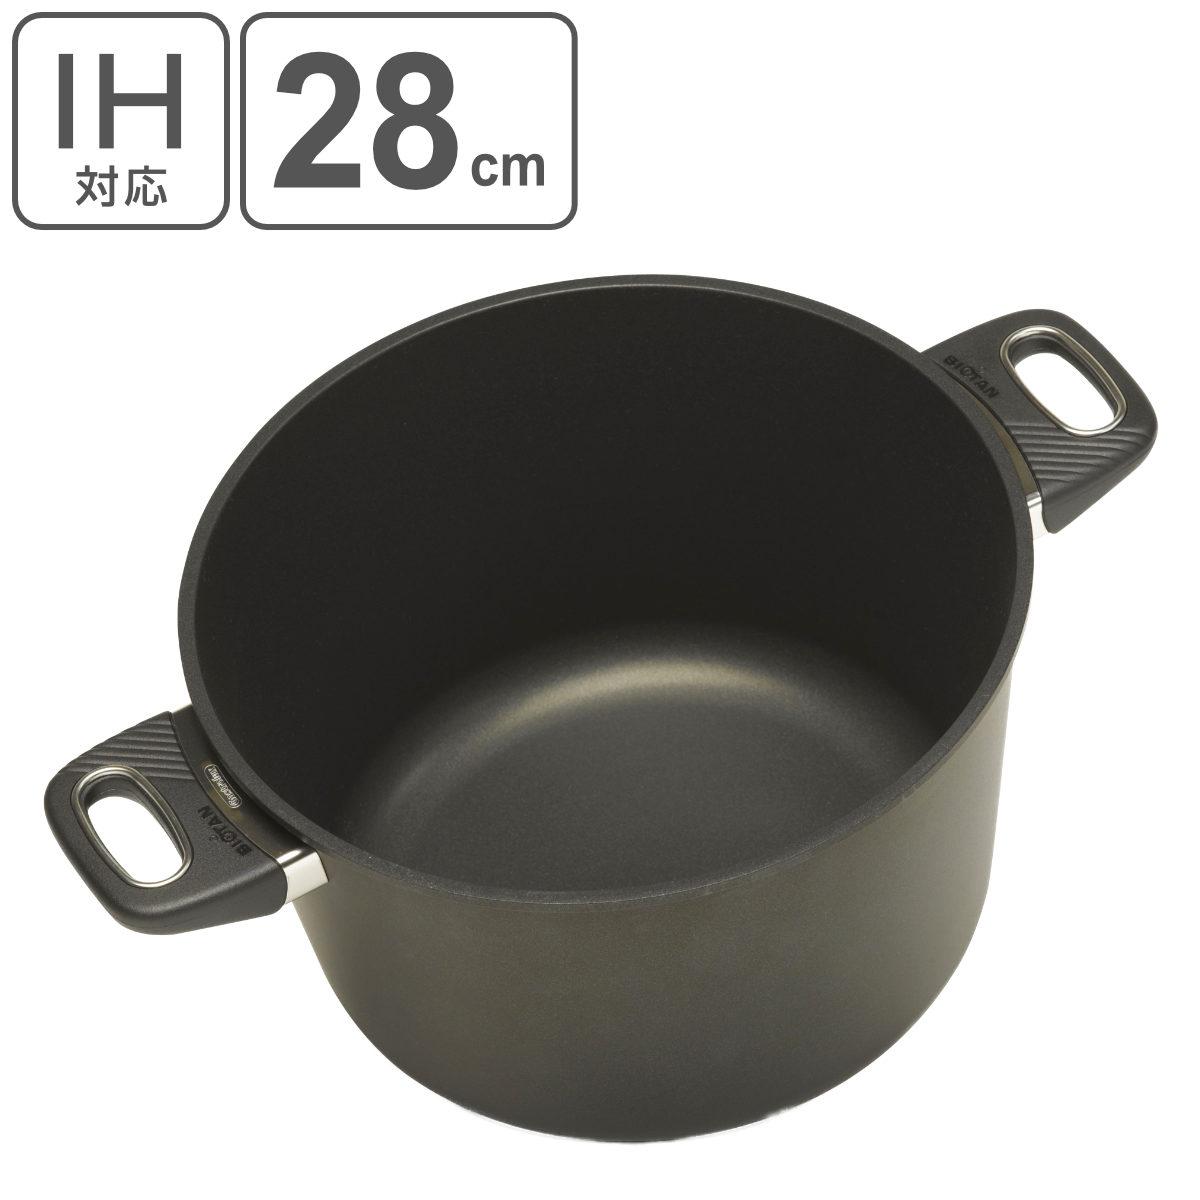 IH対応深型両手鍋 バイオタン BIOTAN 内径28cm 深さ15cm 17850 ( 送料無料 ガス火対応 ガストロラックス フライパン Gastrolux 2年保証 焦げ付きにくい )